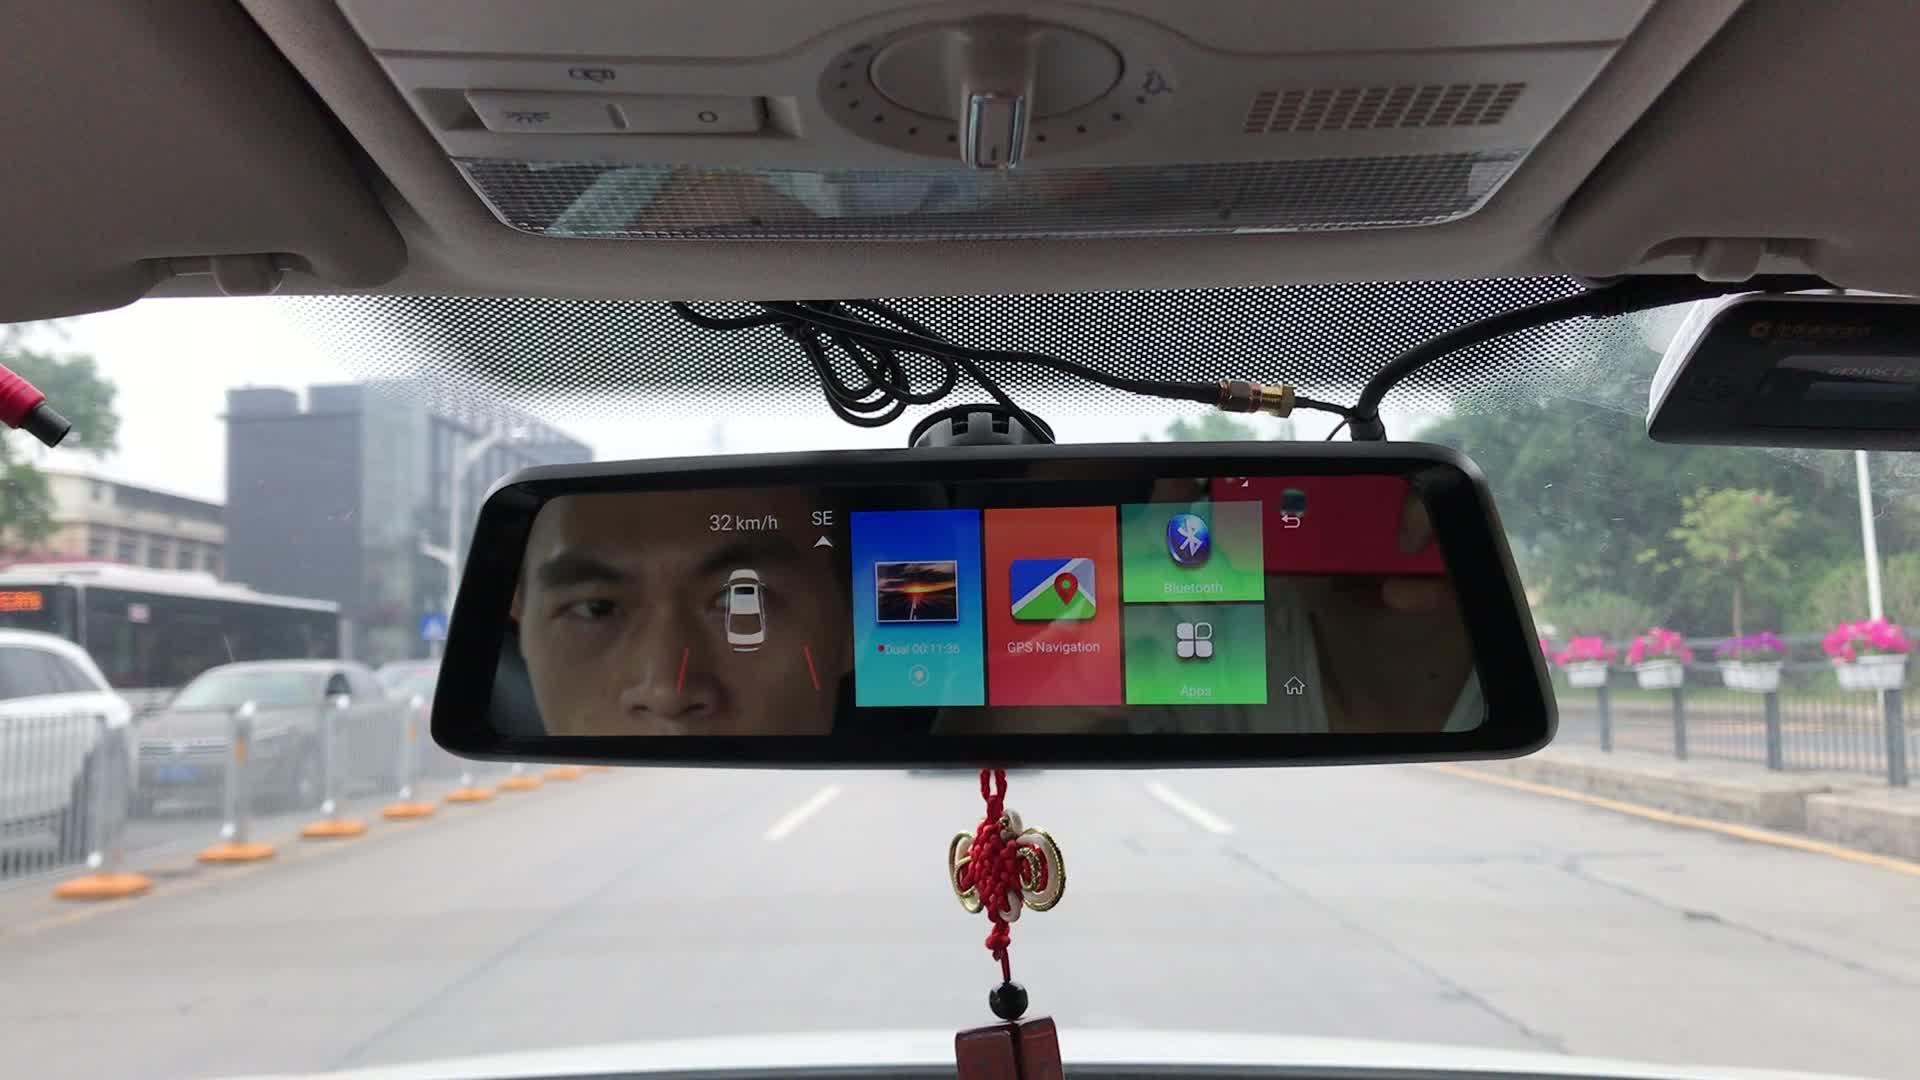 Wosx 4G Được Xây Dựng Trong Máy Ảnh Kép 7 Inch Phía Sau Xem Gương DVR Về Phía Trước + Vào Bên Trong + Xếp Dash Cam Navigation ADAS Thương Dual Camera Xe DVR